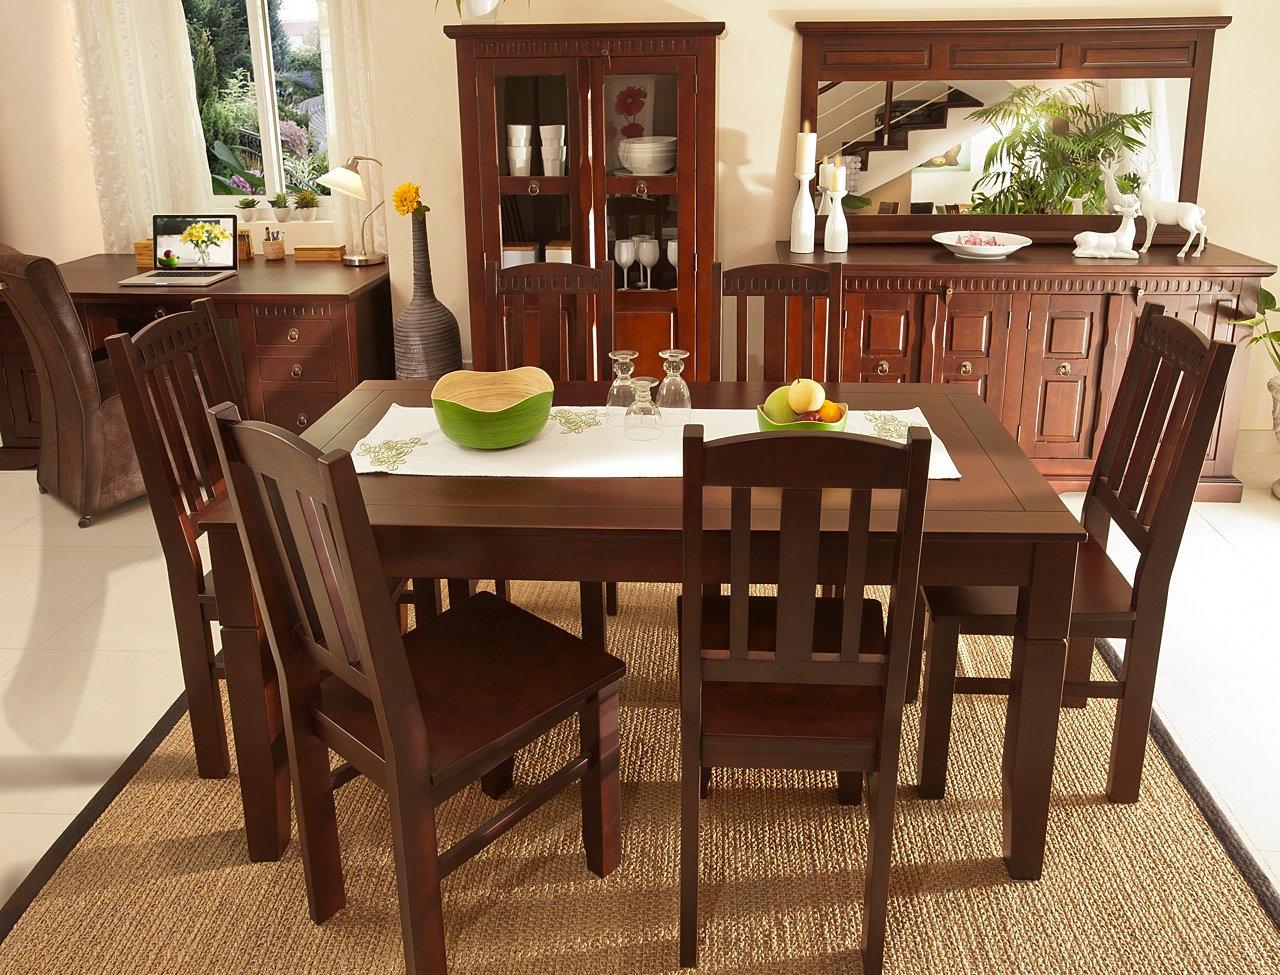 wohnzimmer kolonialstil möbel:Oak 951324 Oak Oak Dining Table Chairs ...